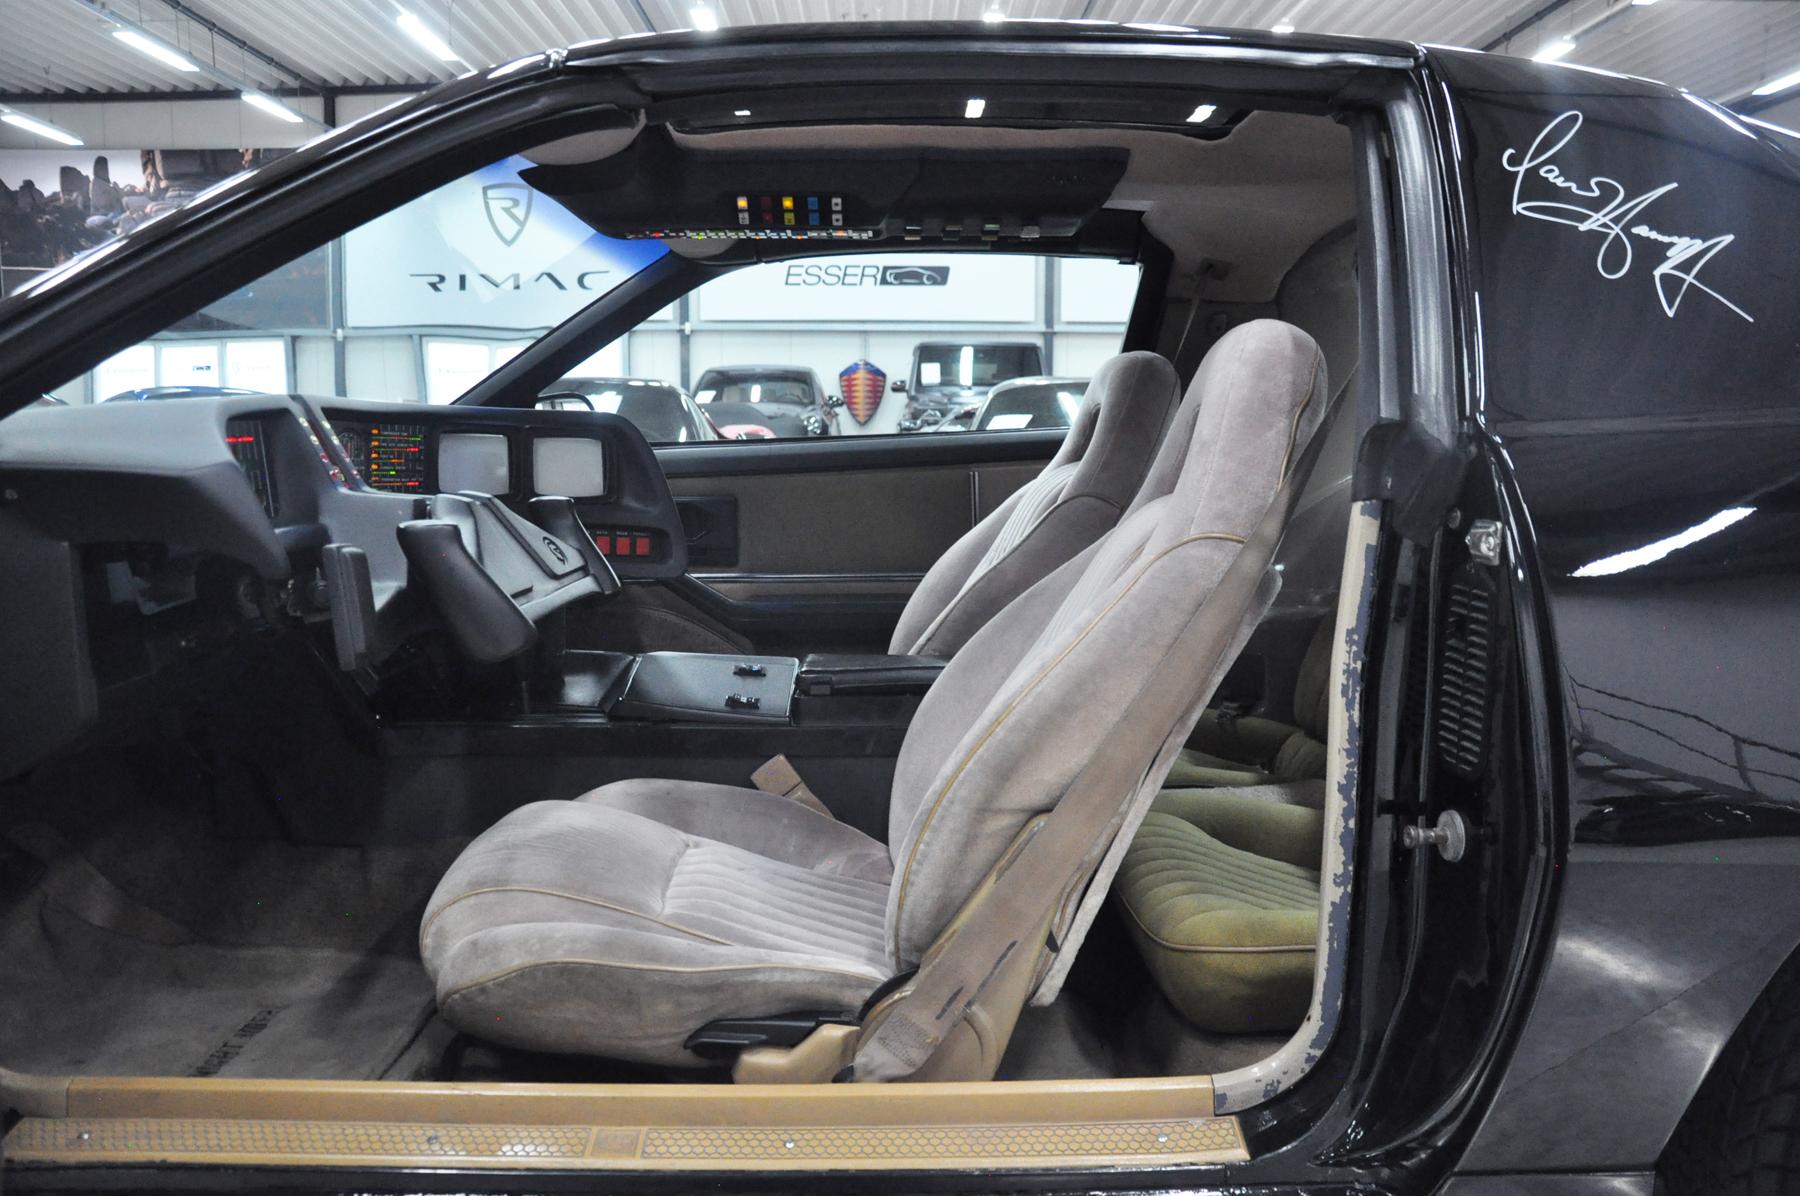 KITT - 1982 Pontiac Firebird Trans Am - Drivers side interior